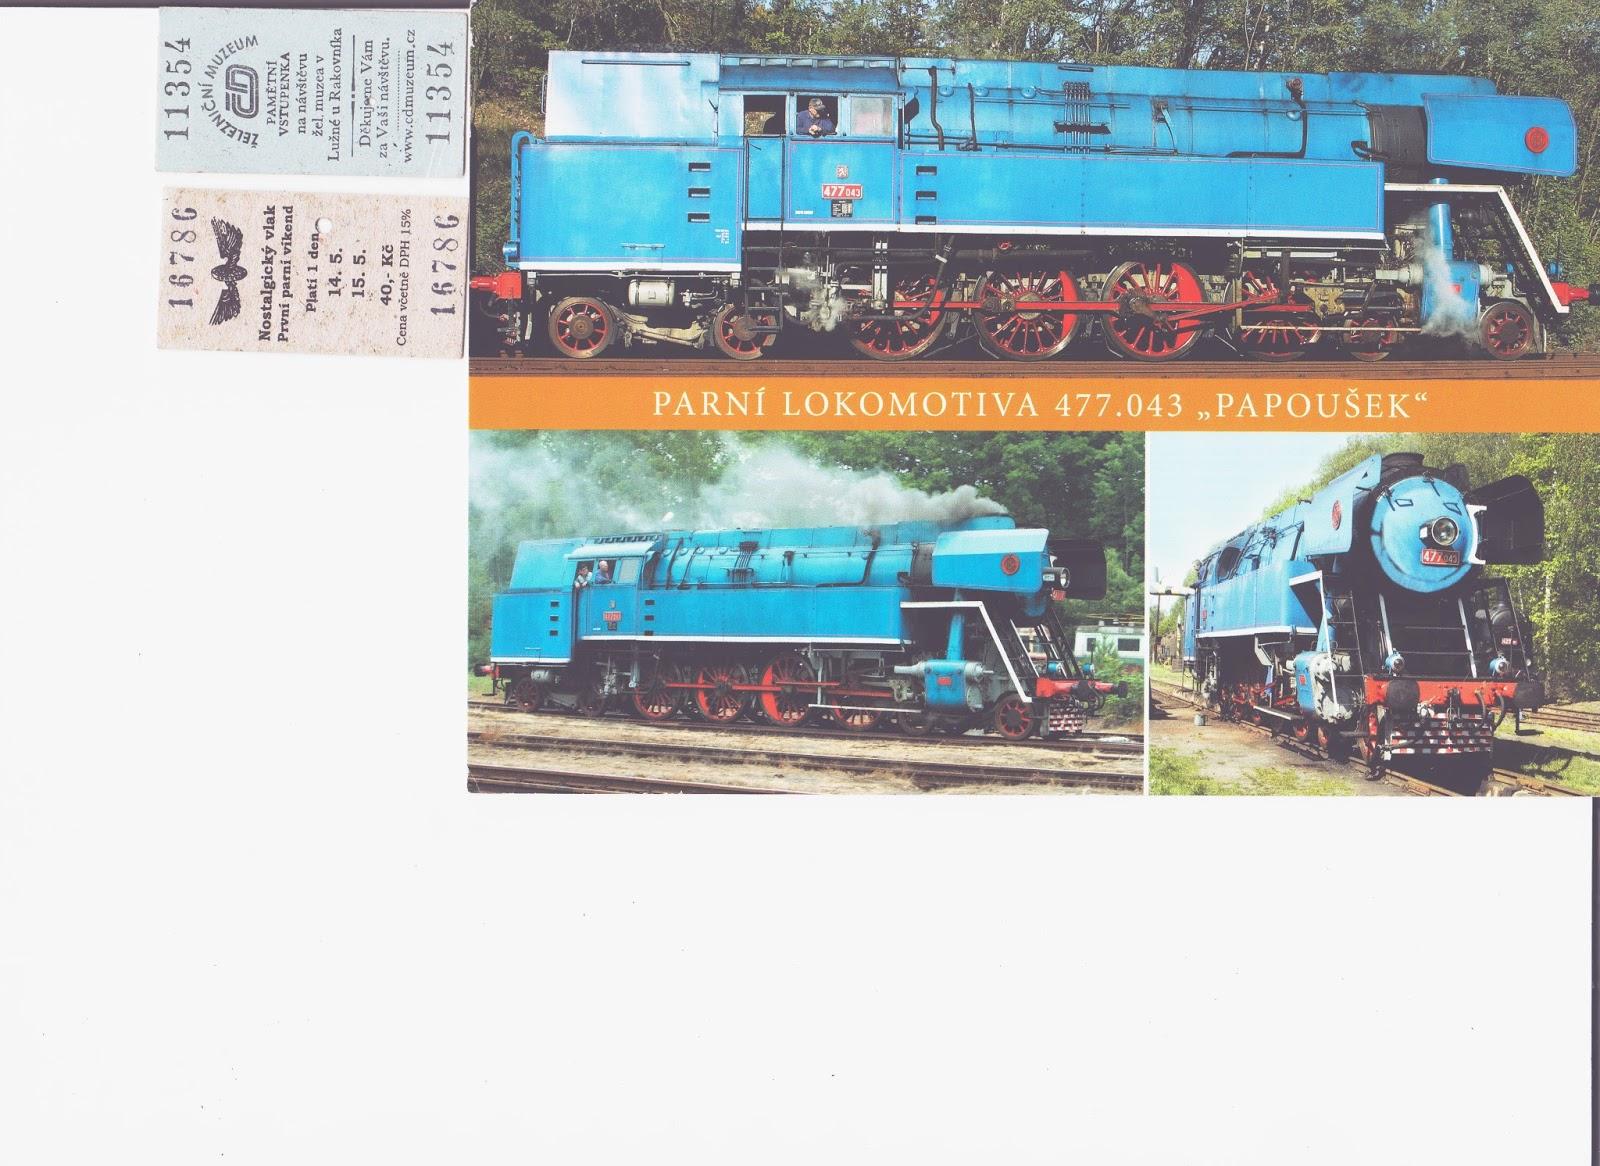 Památeční jízdenky a pohled s lokomotivou  98c49b10ff